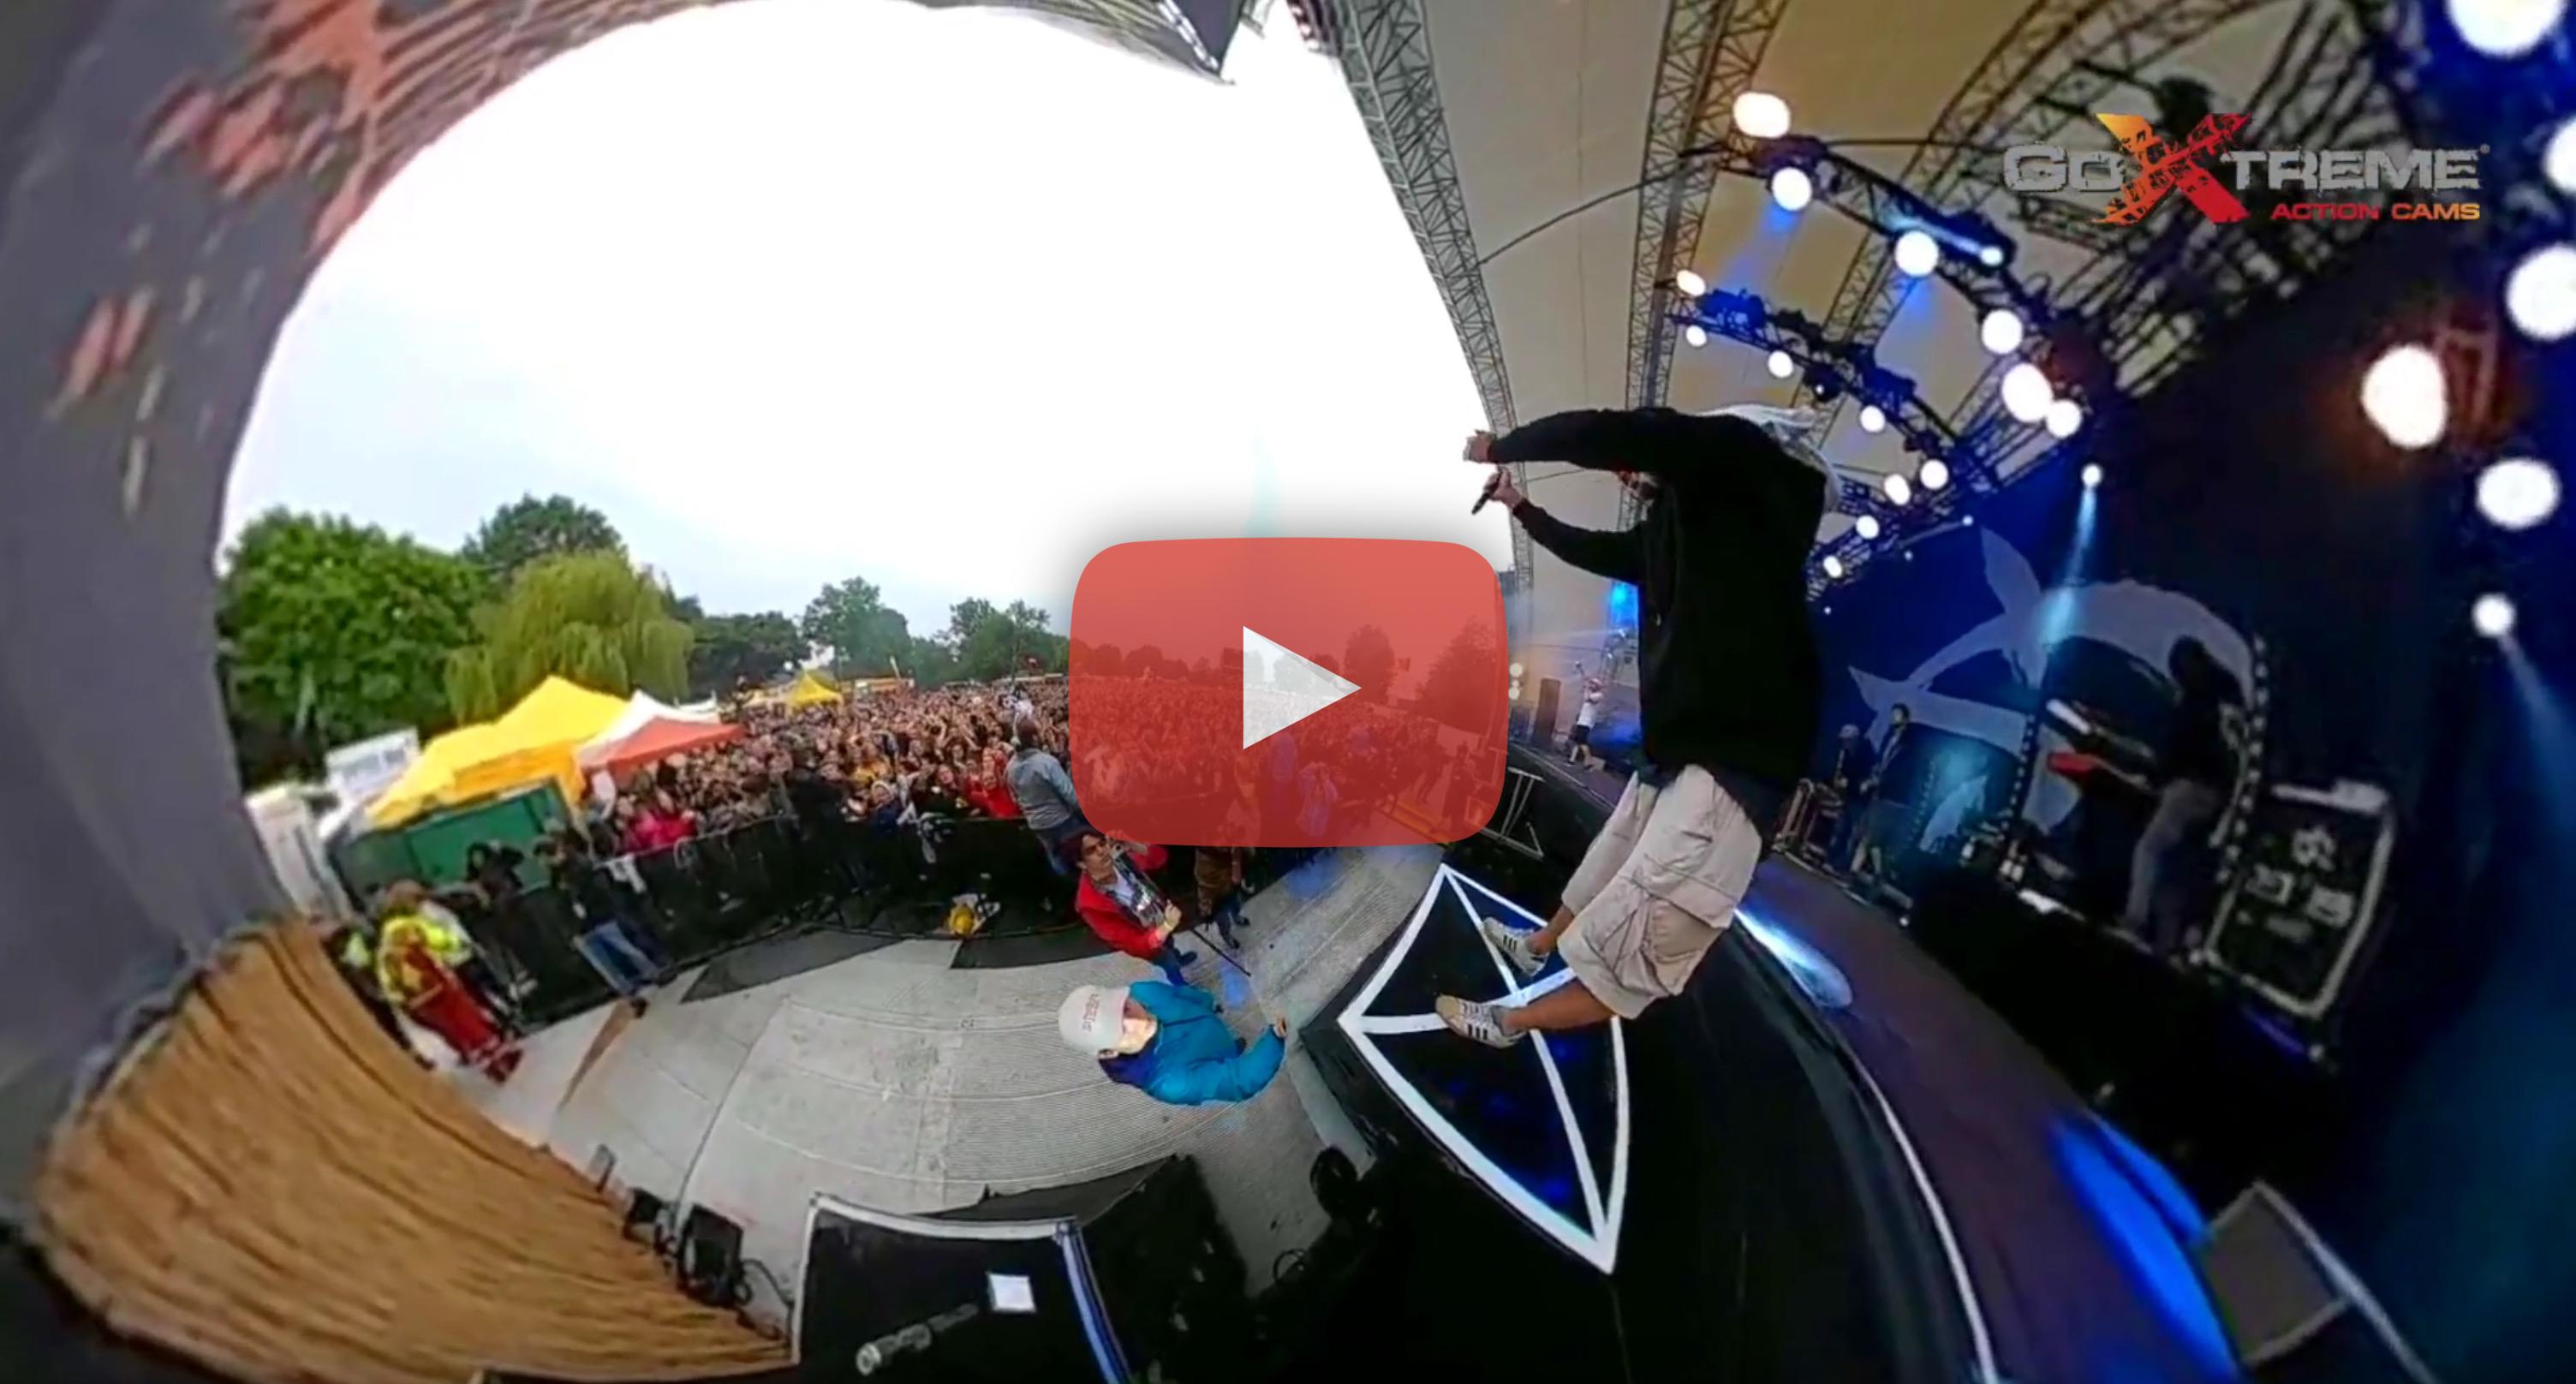 Summerjam in 360°